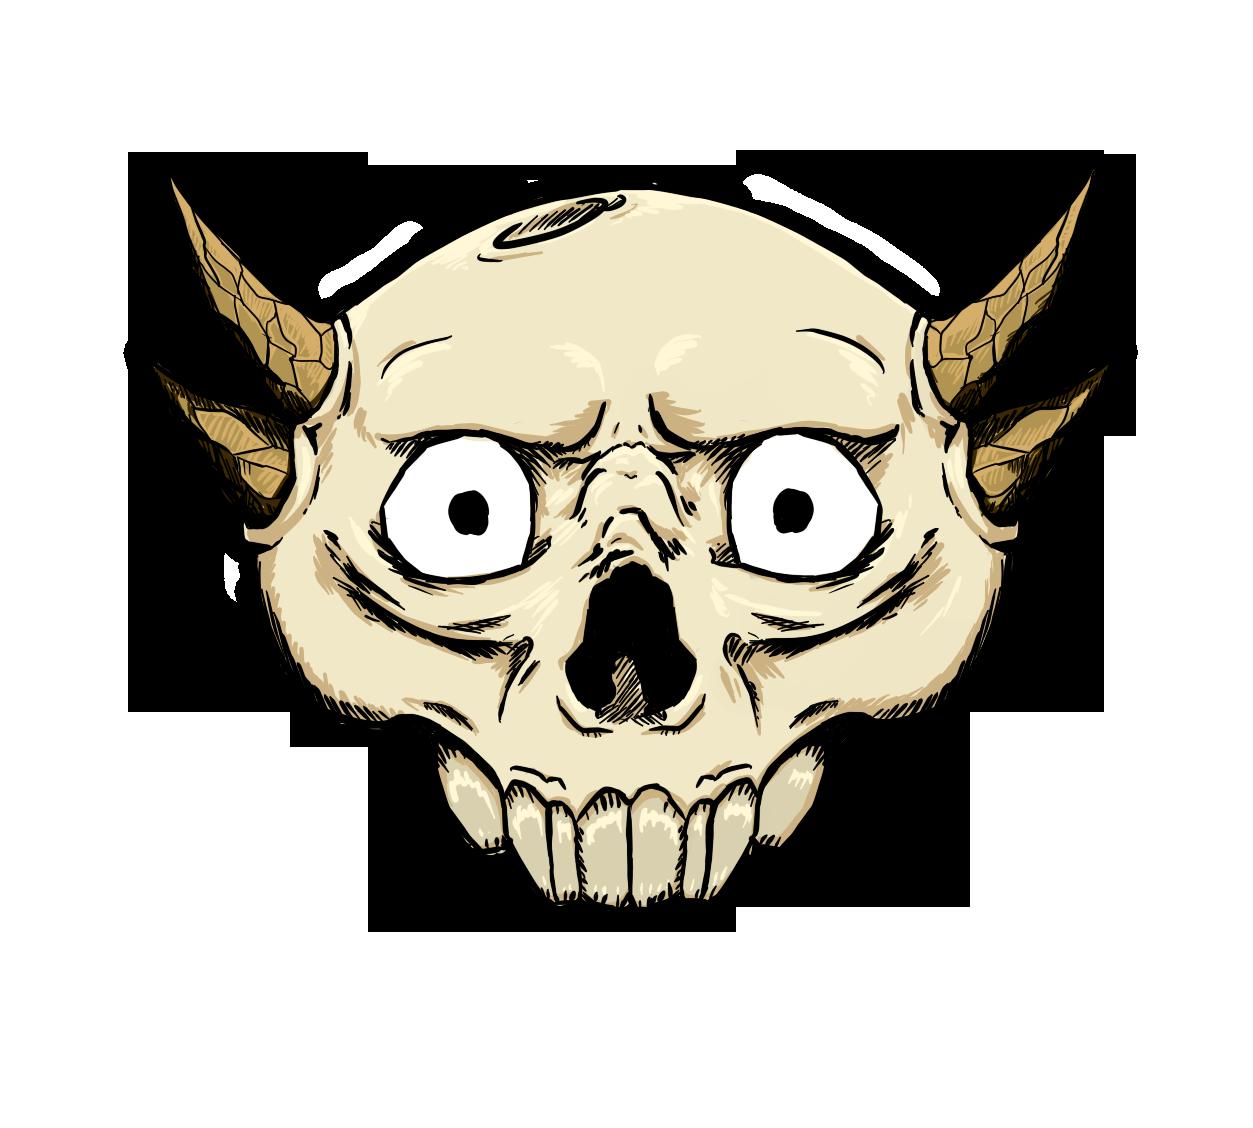 SkeletonDemon